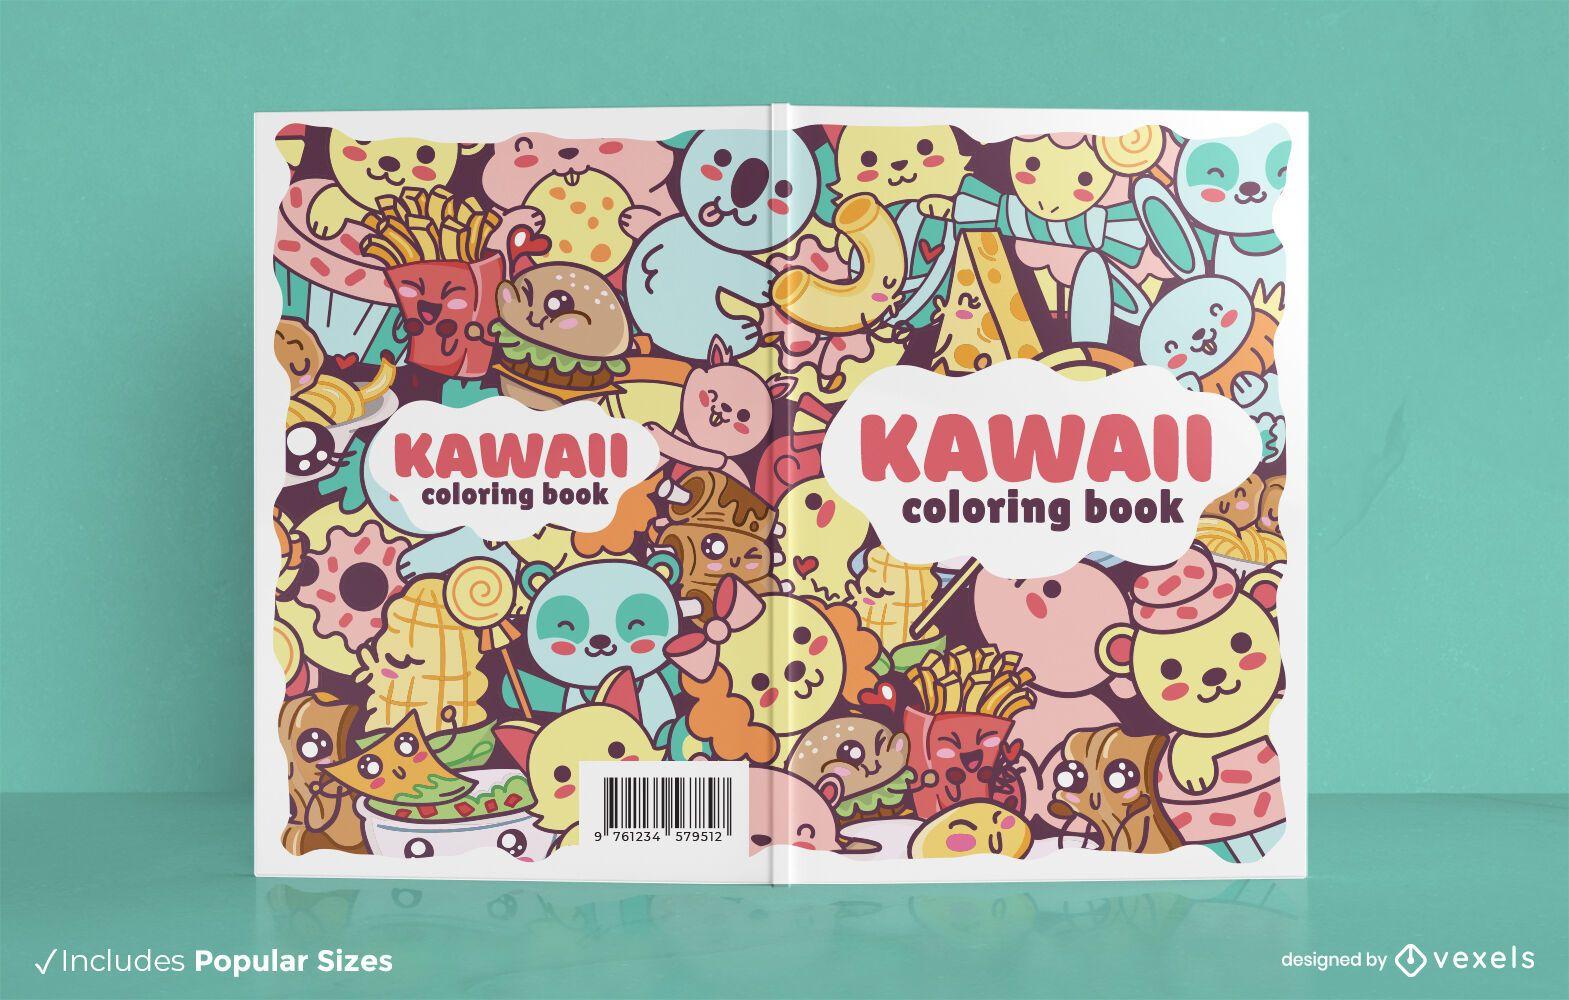 Dise?o de portada de libro para colorear kawaii